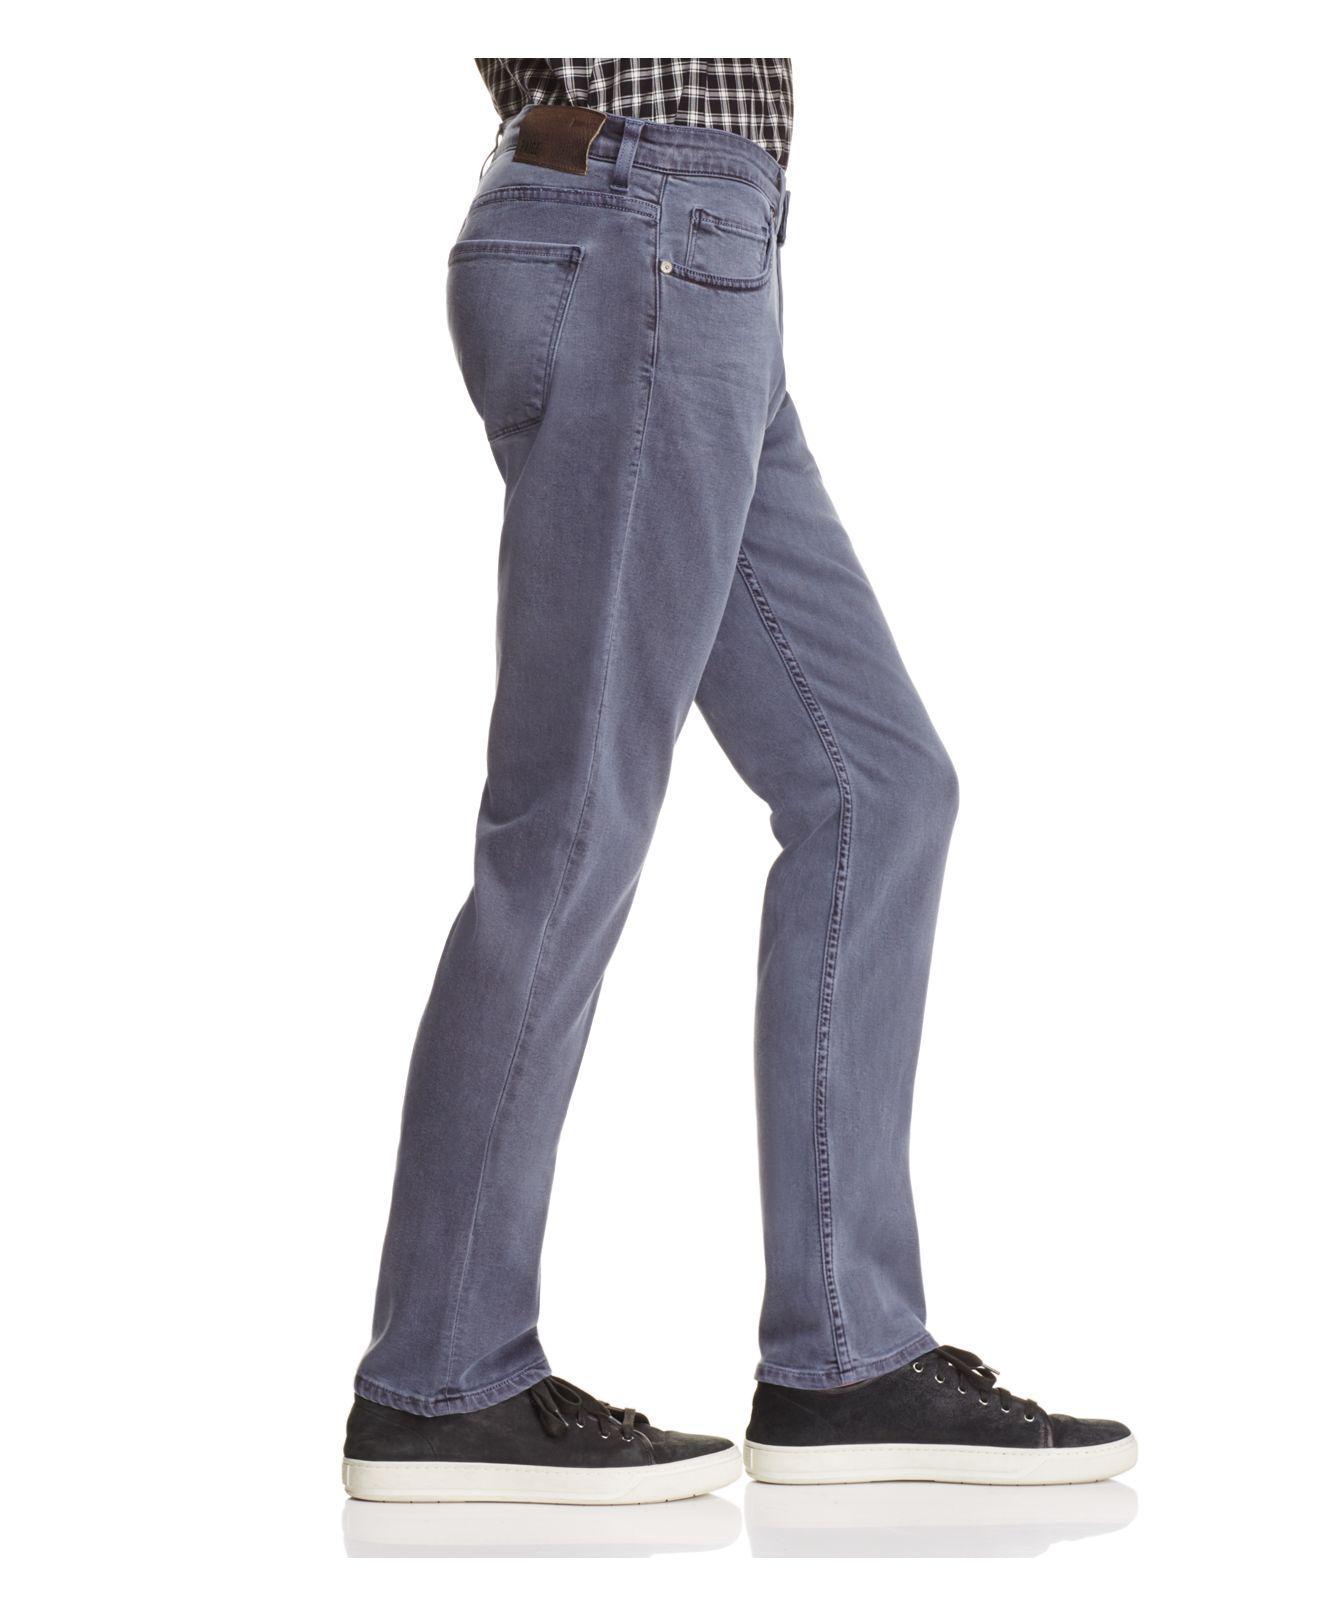 PAIGE Denim Federal Slim Fit Jeans In Vintage Navy in Blue for Men